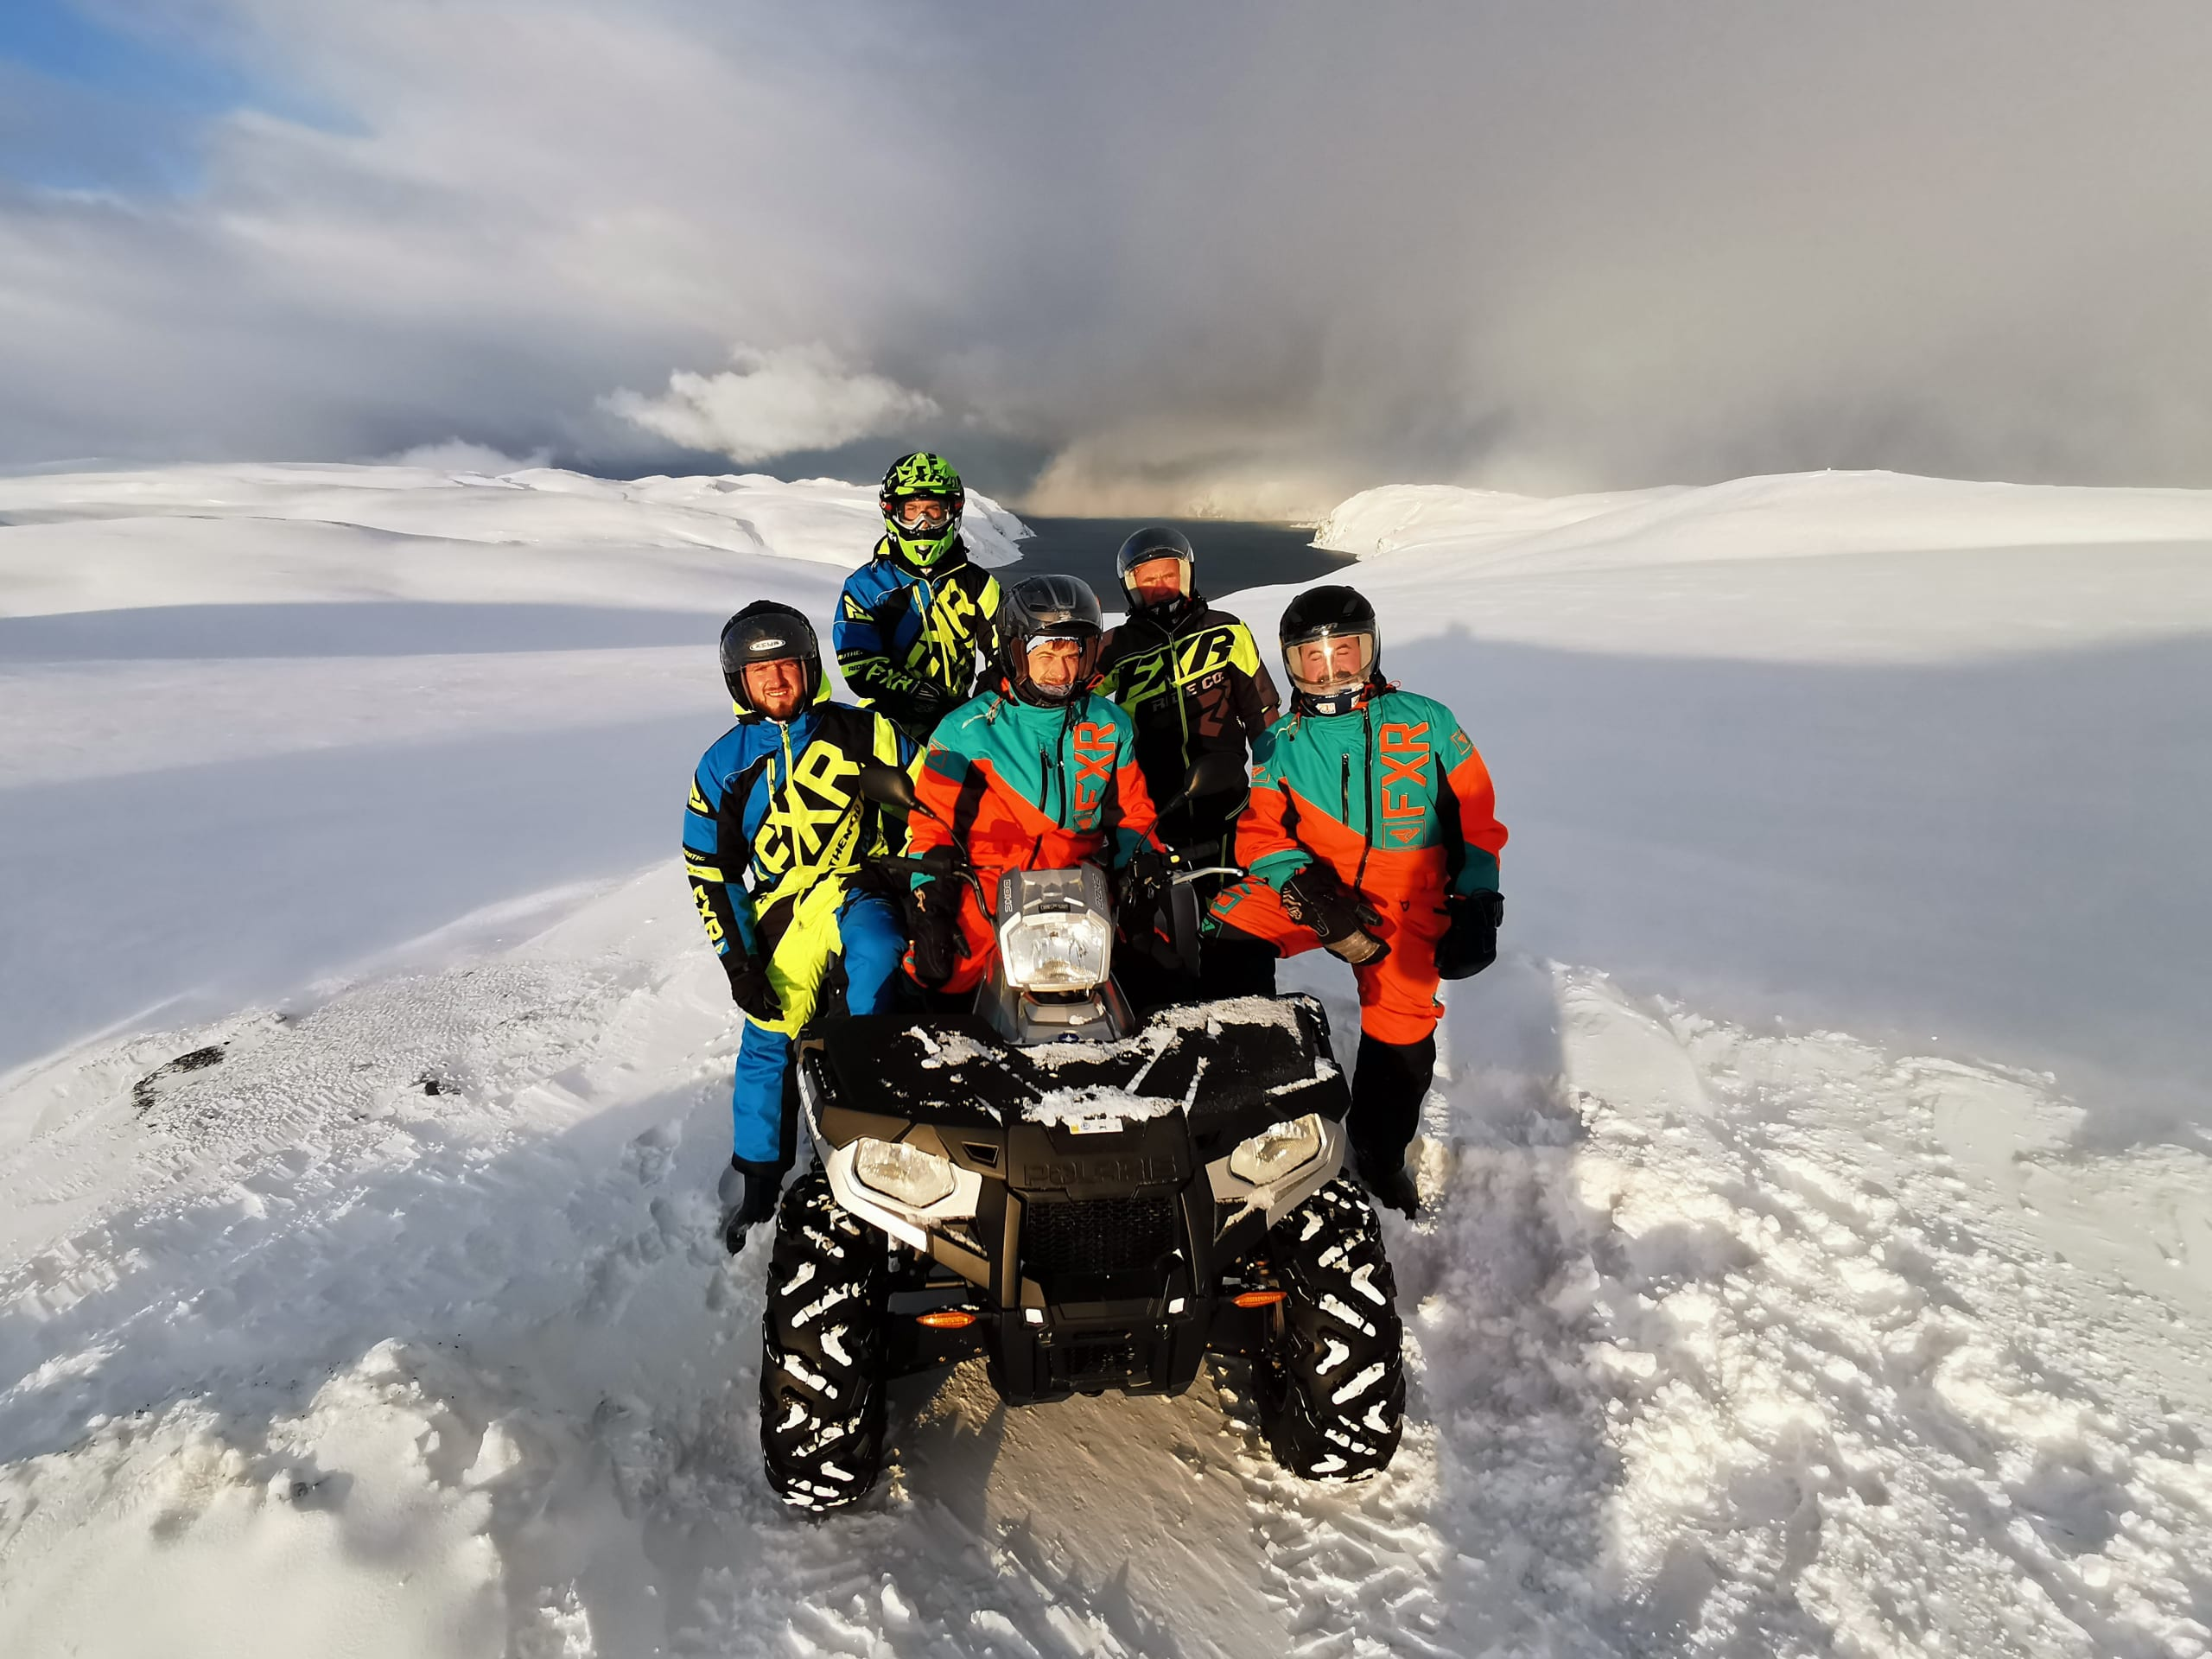 ATV safar to the North Cape